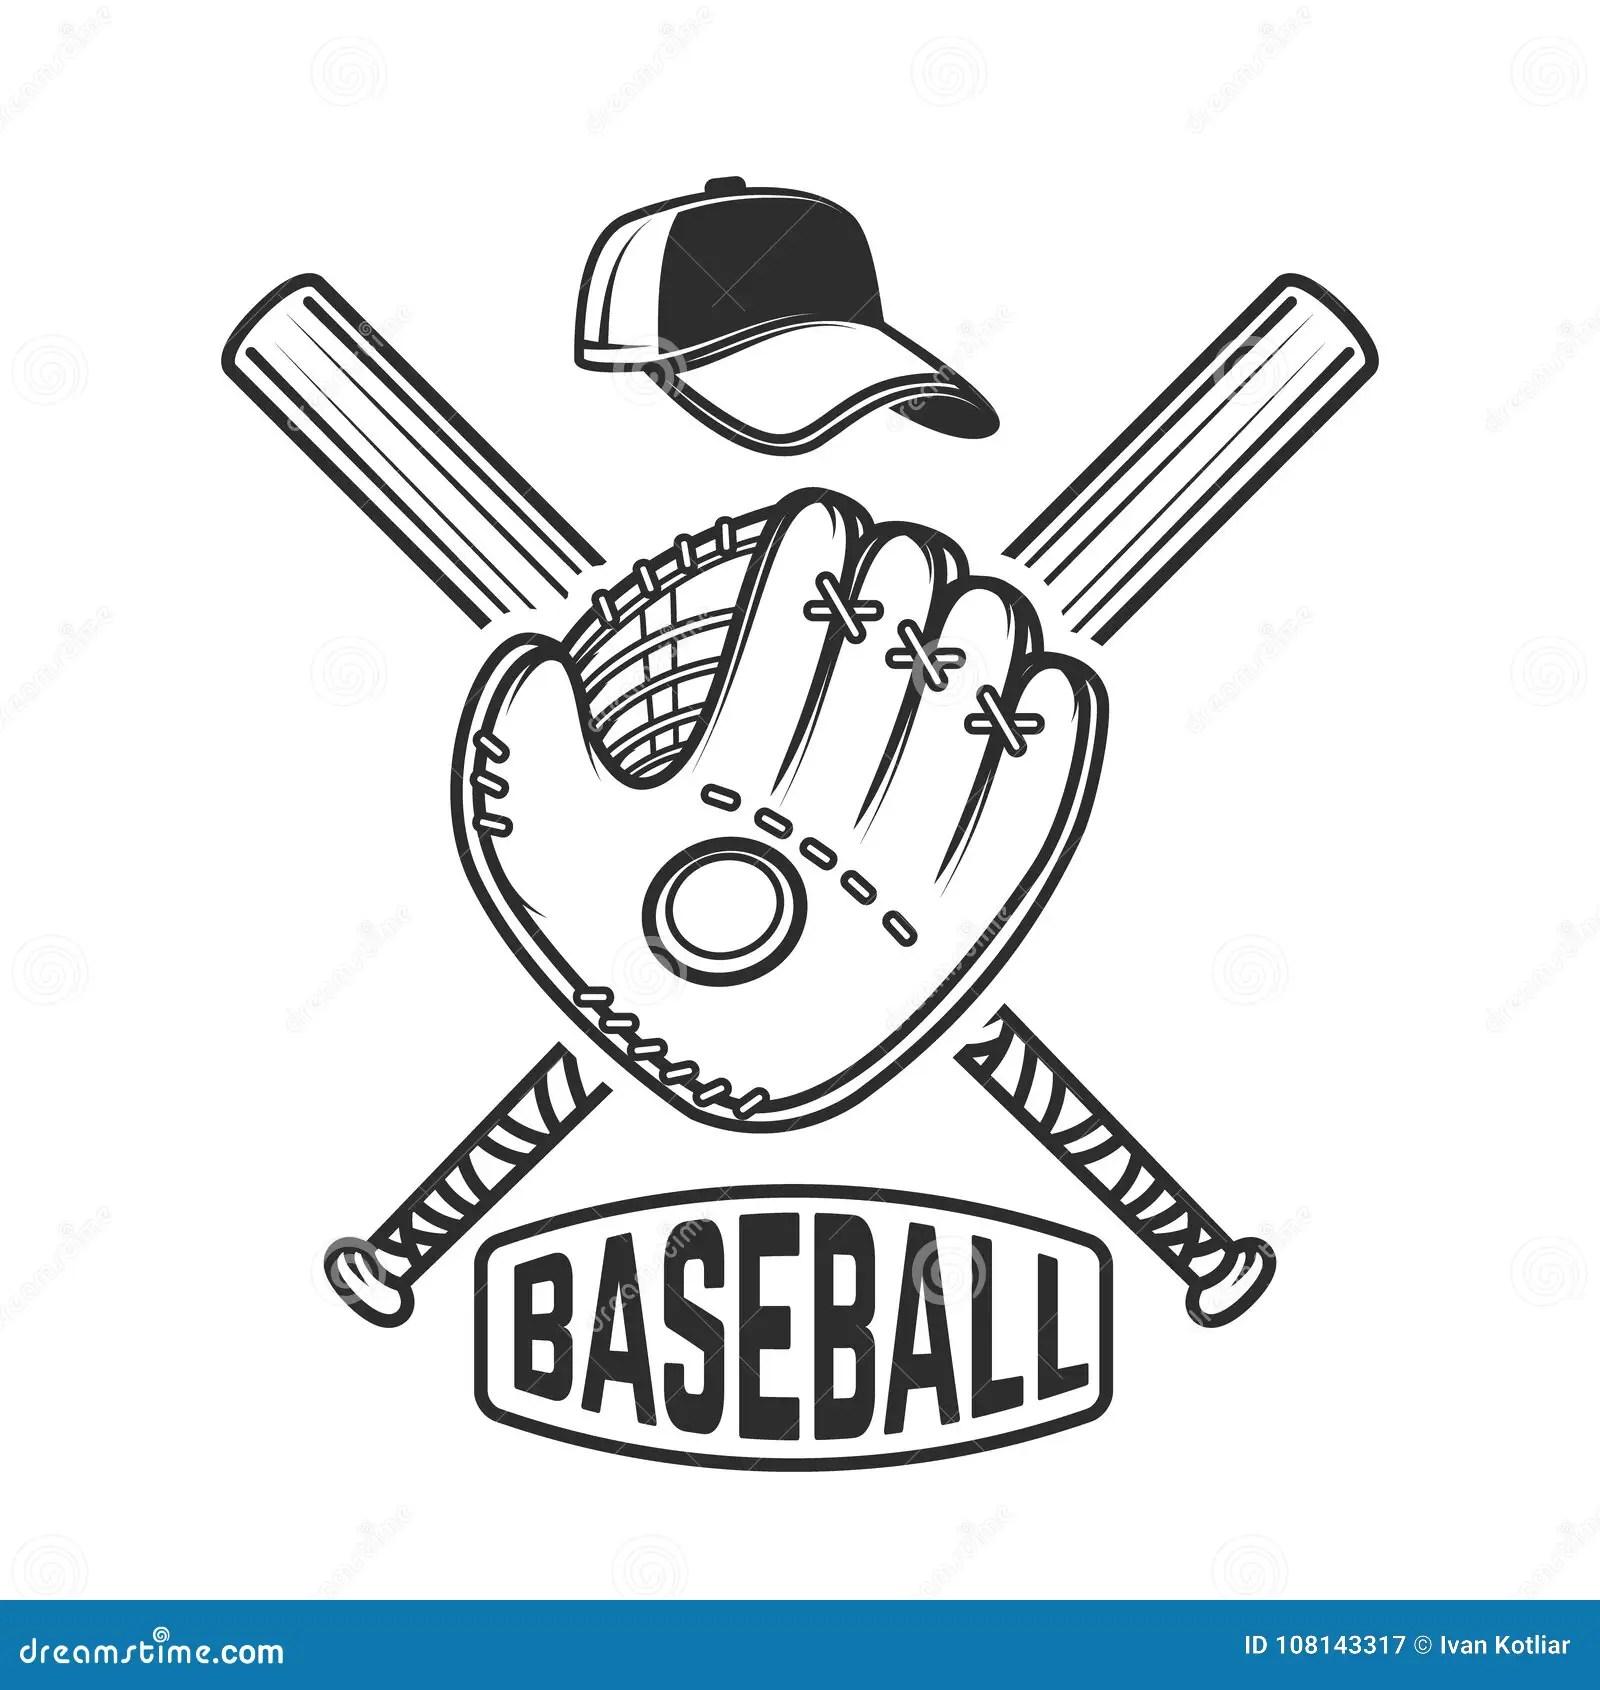 Emblem With Crossed Baseball Bat And Baseball Glove Design Element For Logo Label Emblem